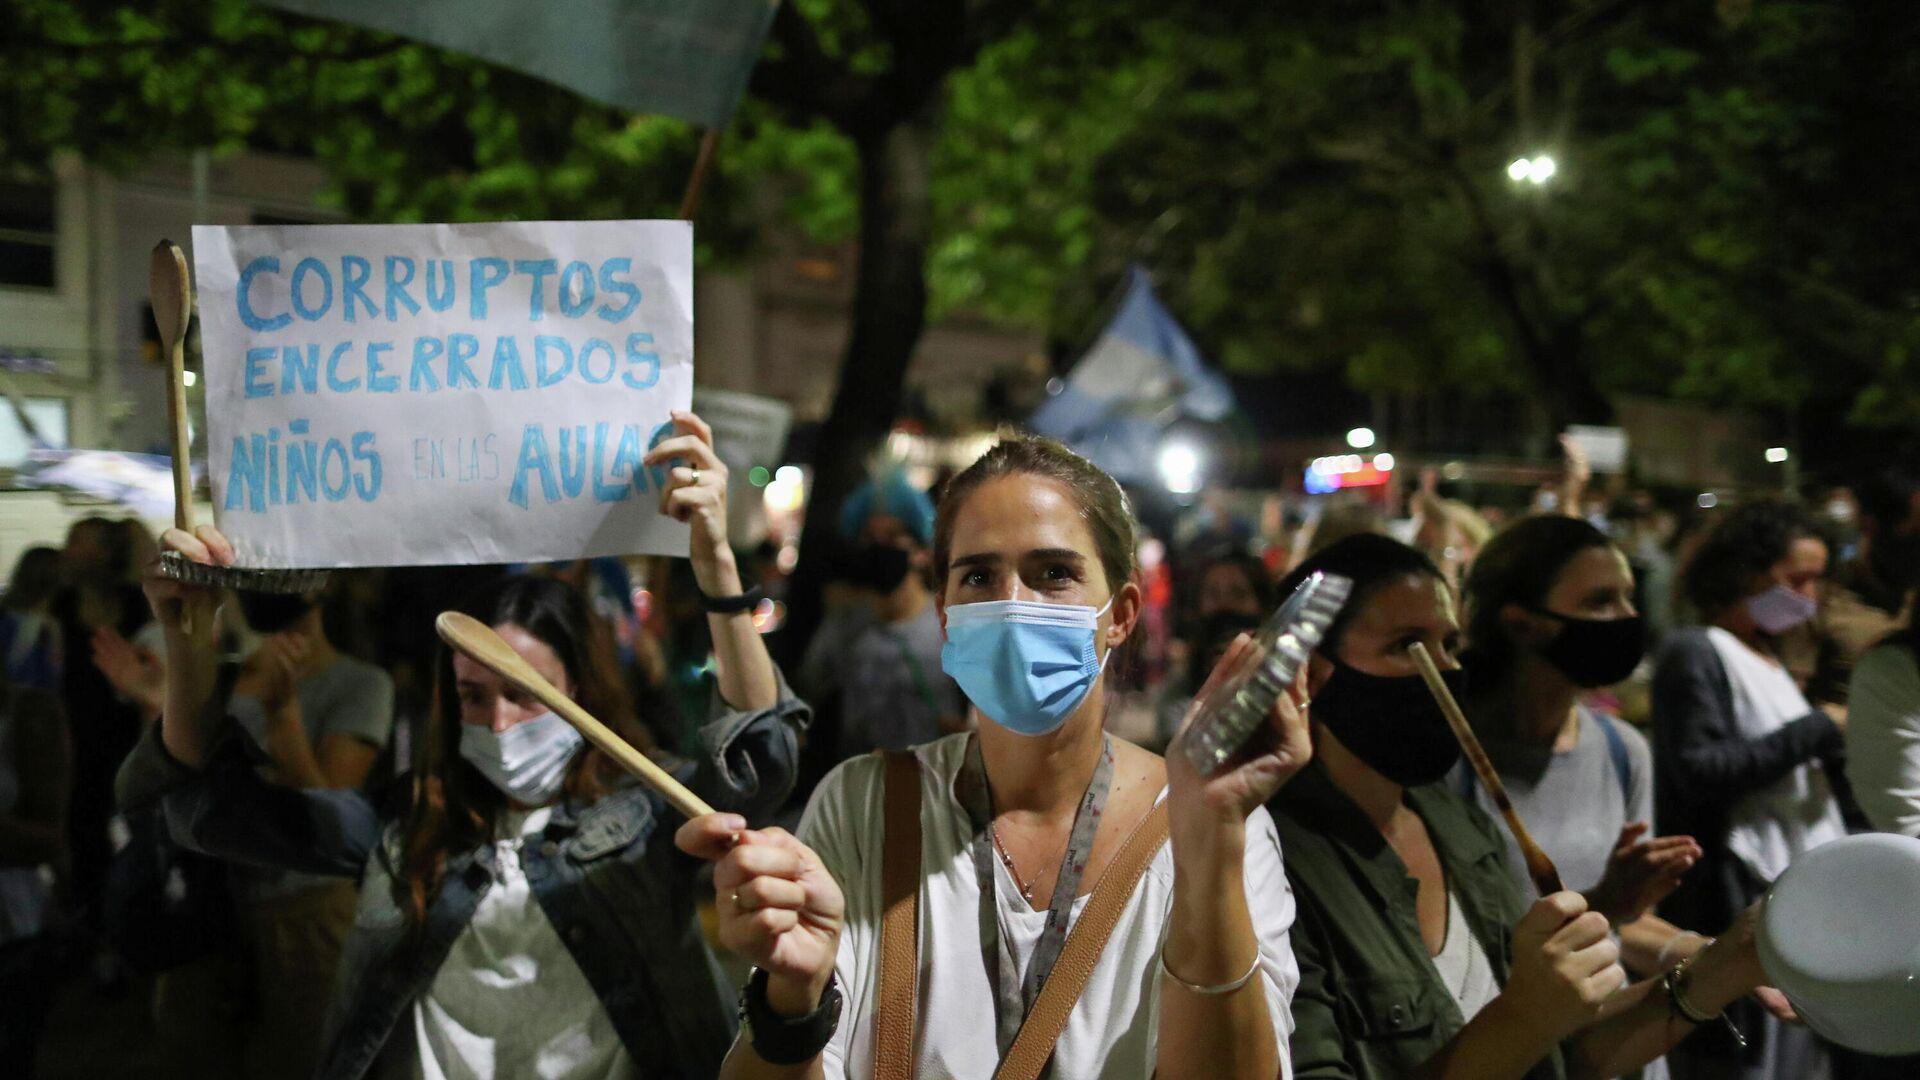 Protestas contra las restricciones en Buenos Aires, Argentina - Sputnik Mundo, 1920, 16.04.2021